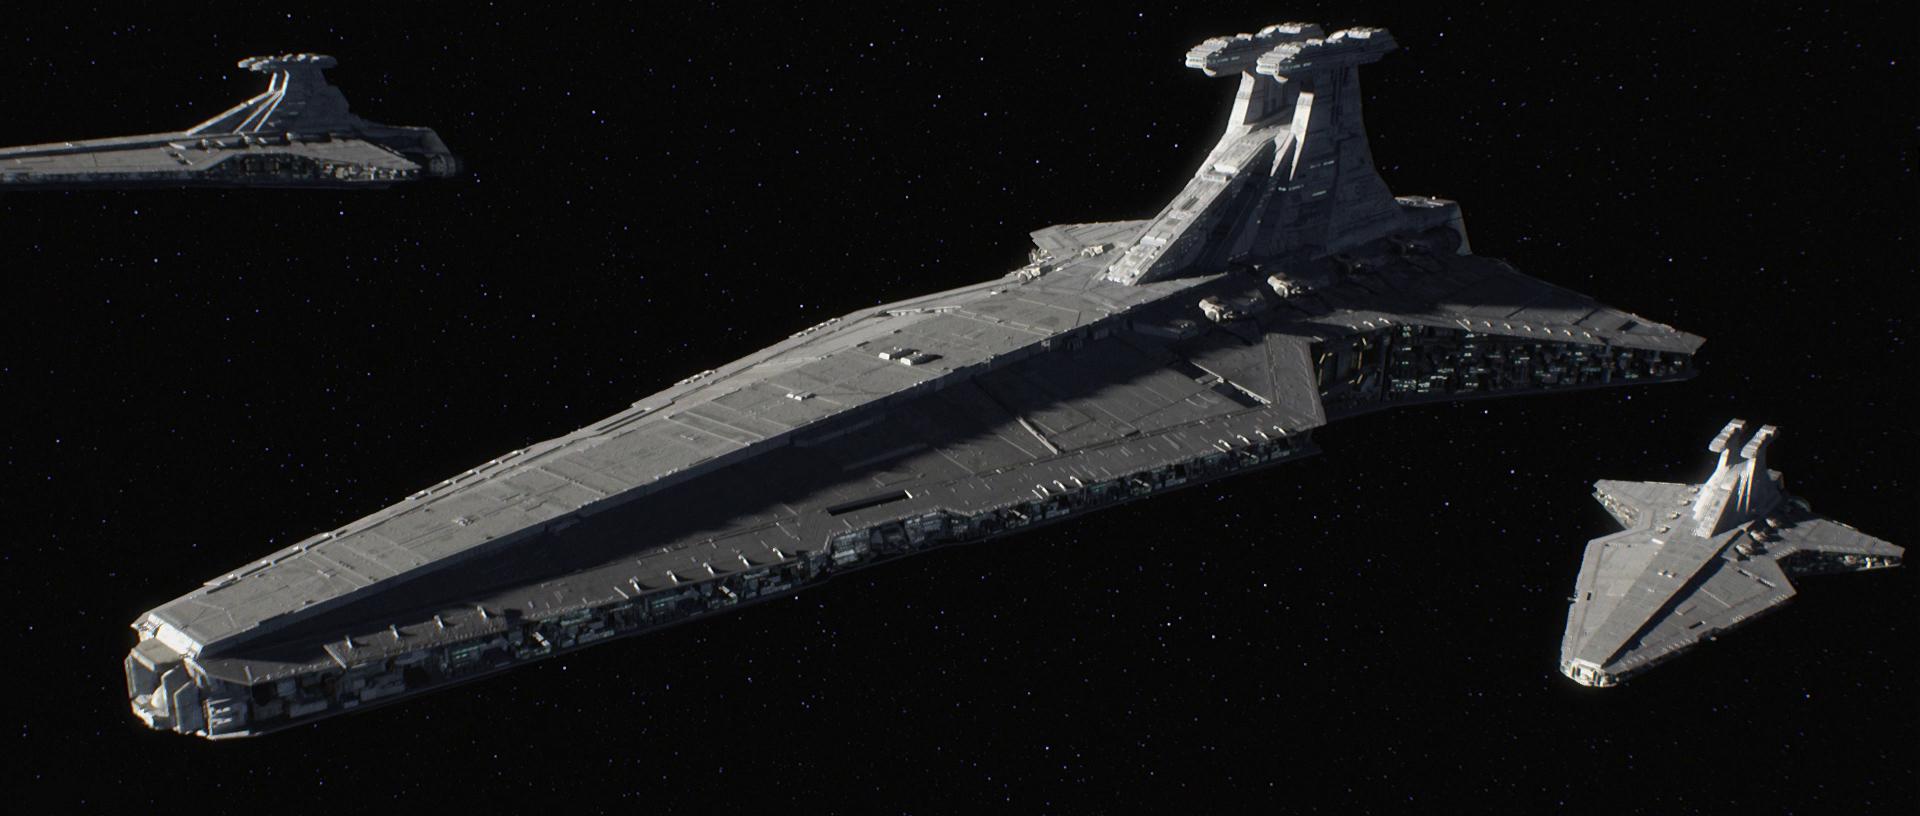 Imperial Navy Star Destroyer Star Wars Wallpaper Star Wars